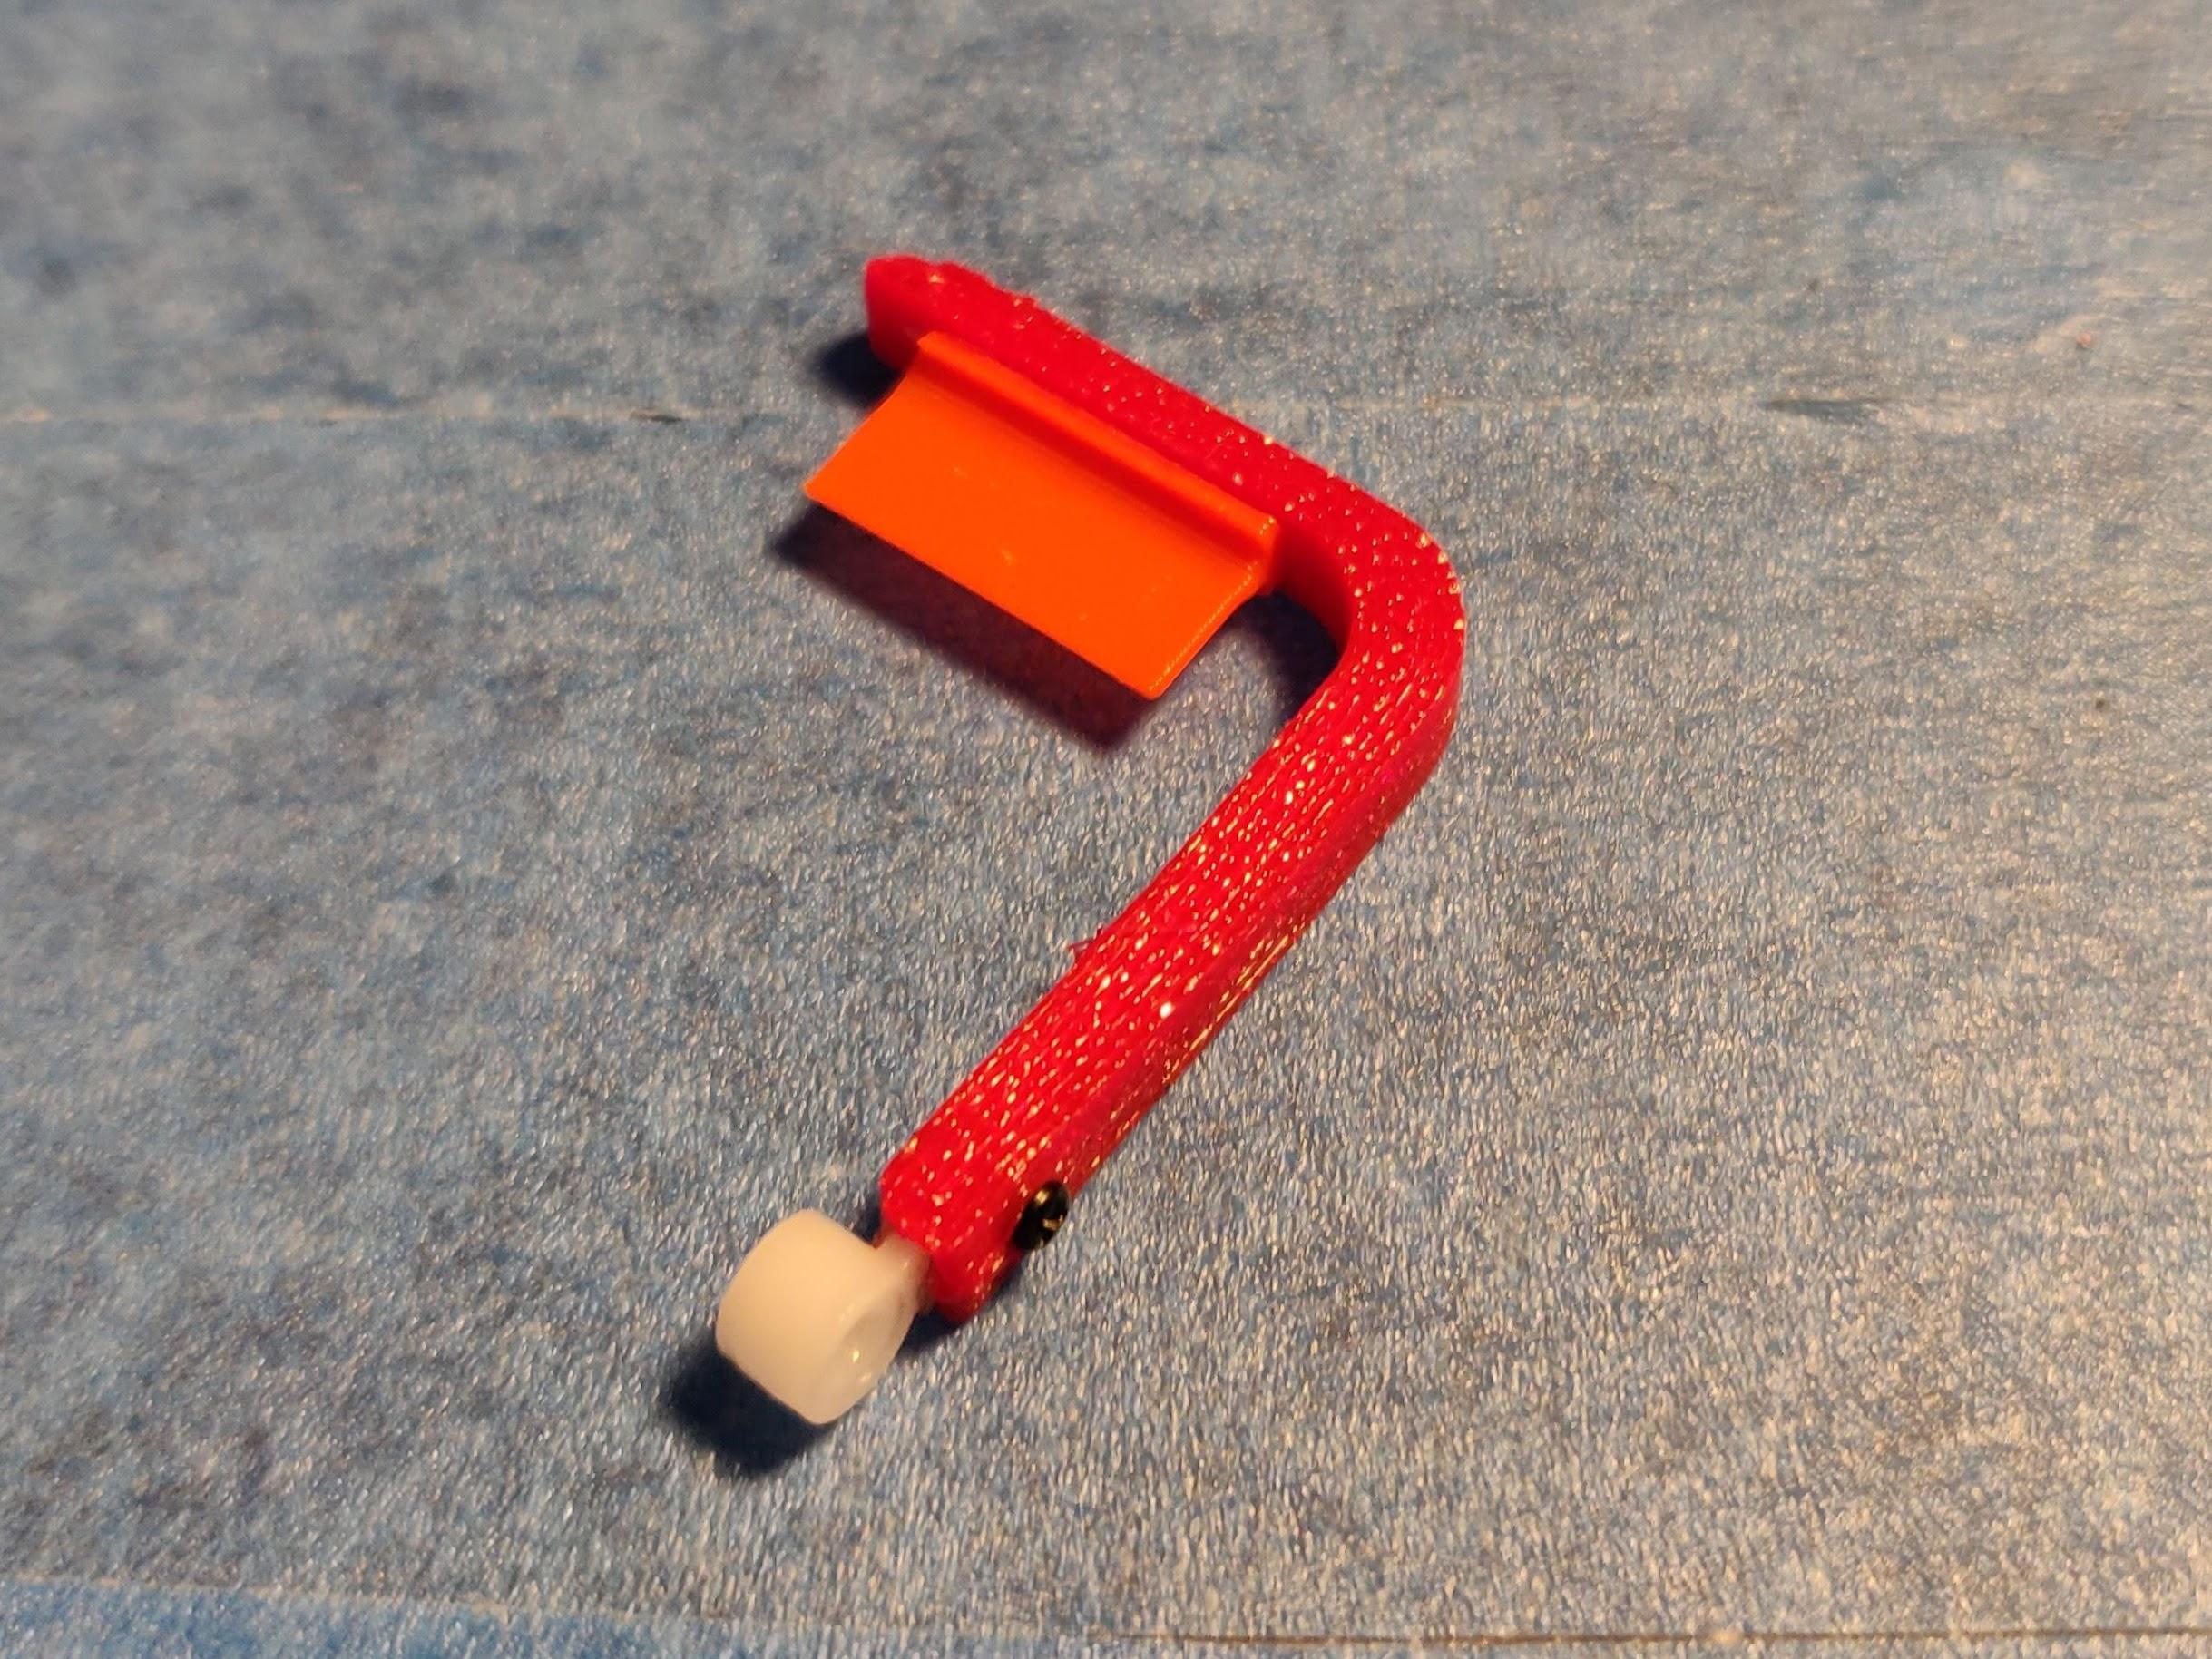 Assembled wiper